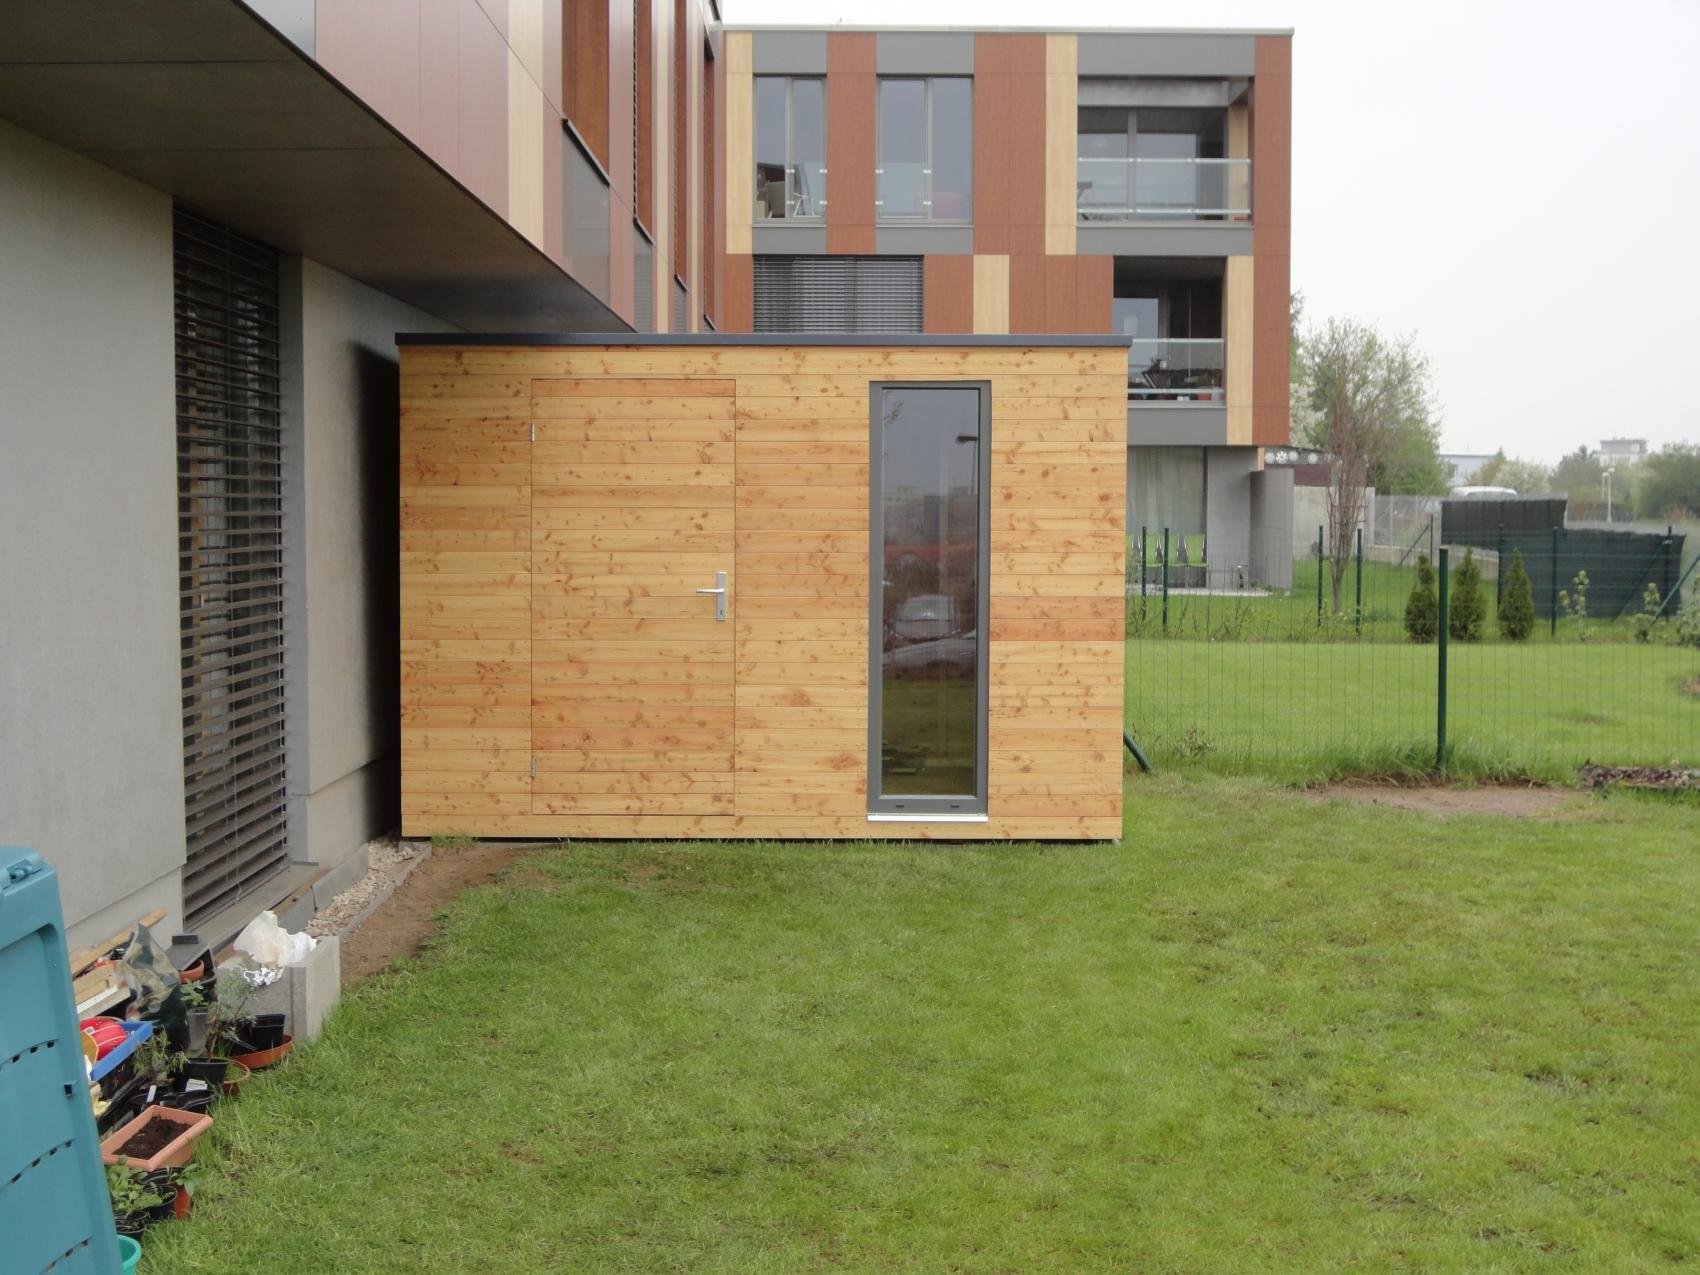 modernes gartenhaus fur gartengerate – sweetmenu, Gartengerate ideen